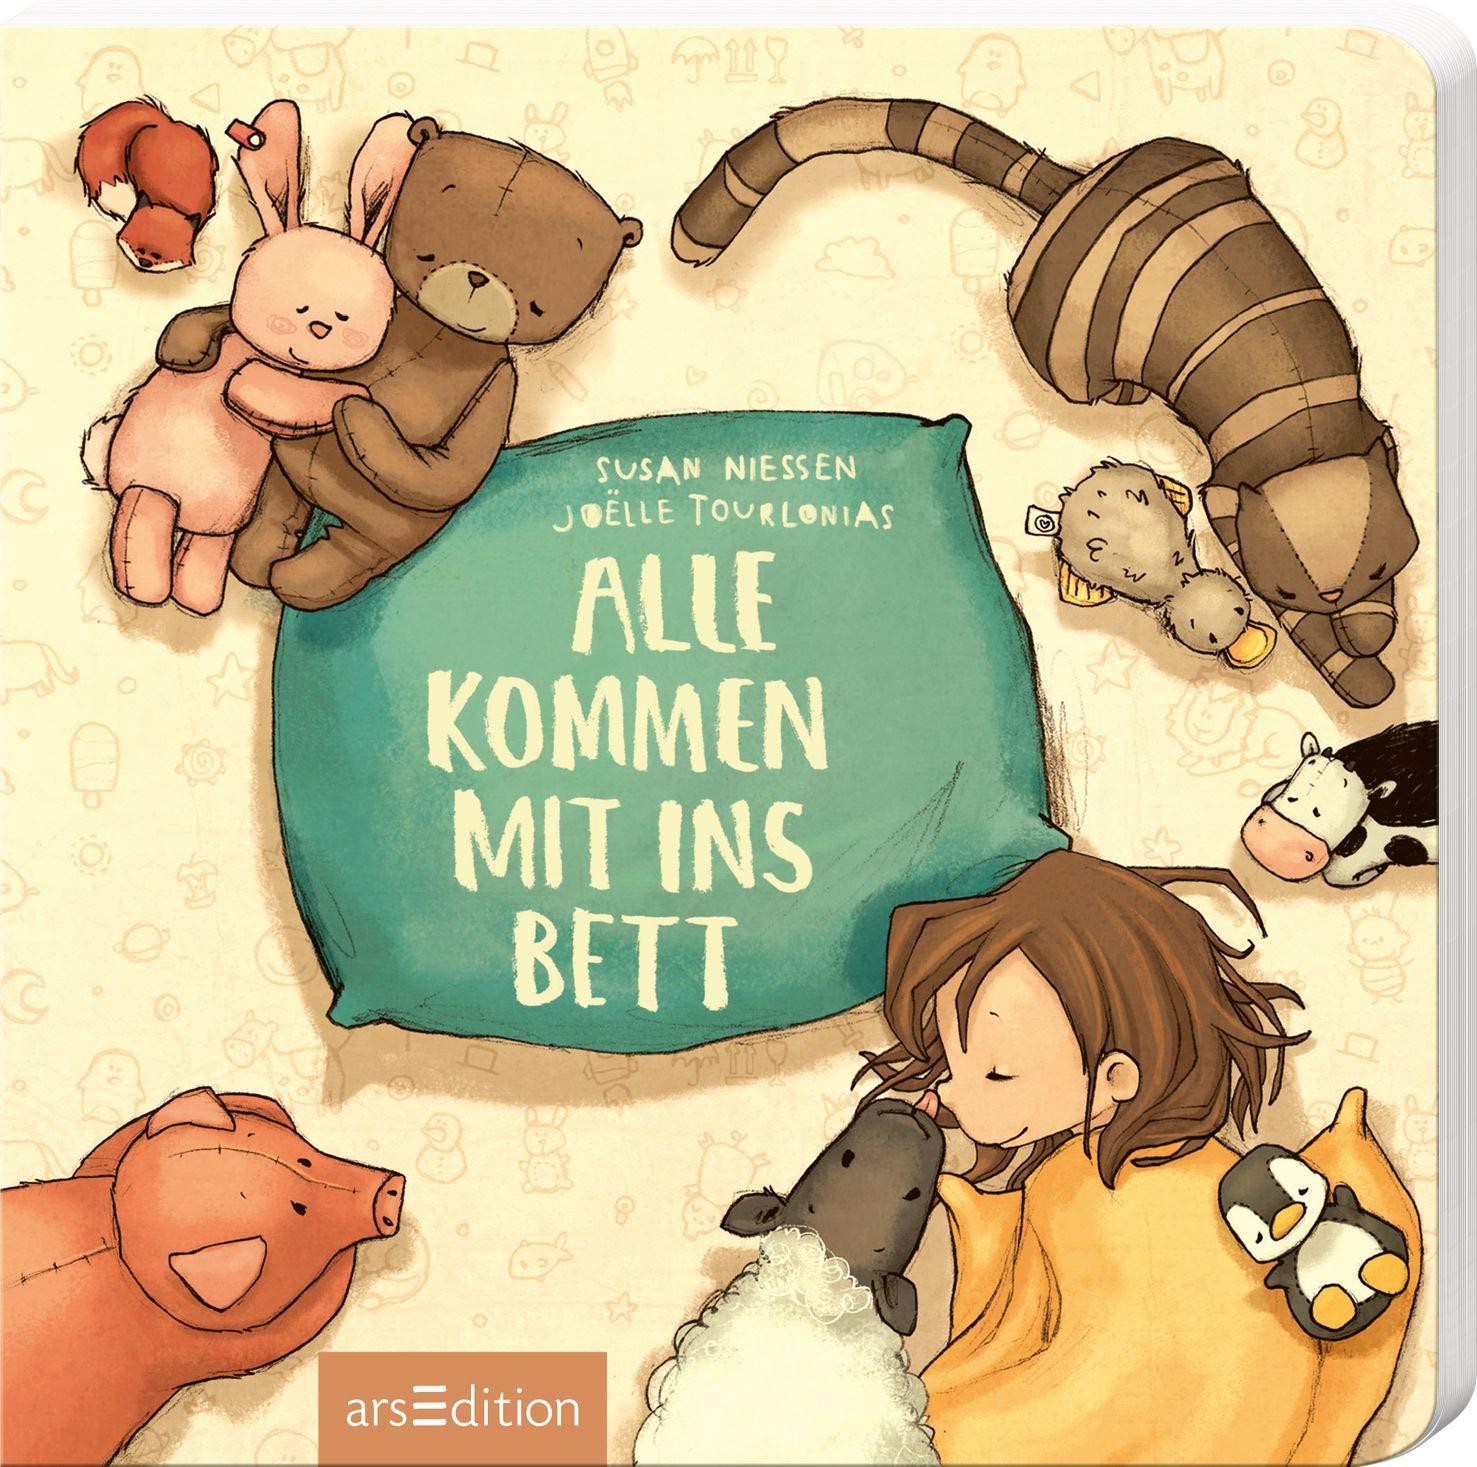 Alle Kommen Mit Ins Bett Amazon Fr Niessen Susan Tourlonias Joelle Livres Anglais Et Etrangers